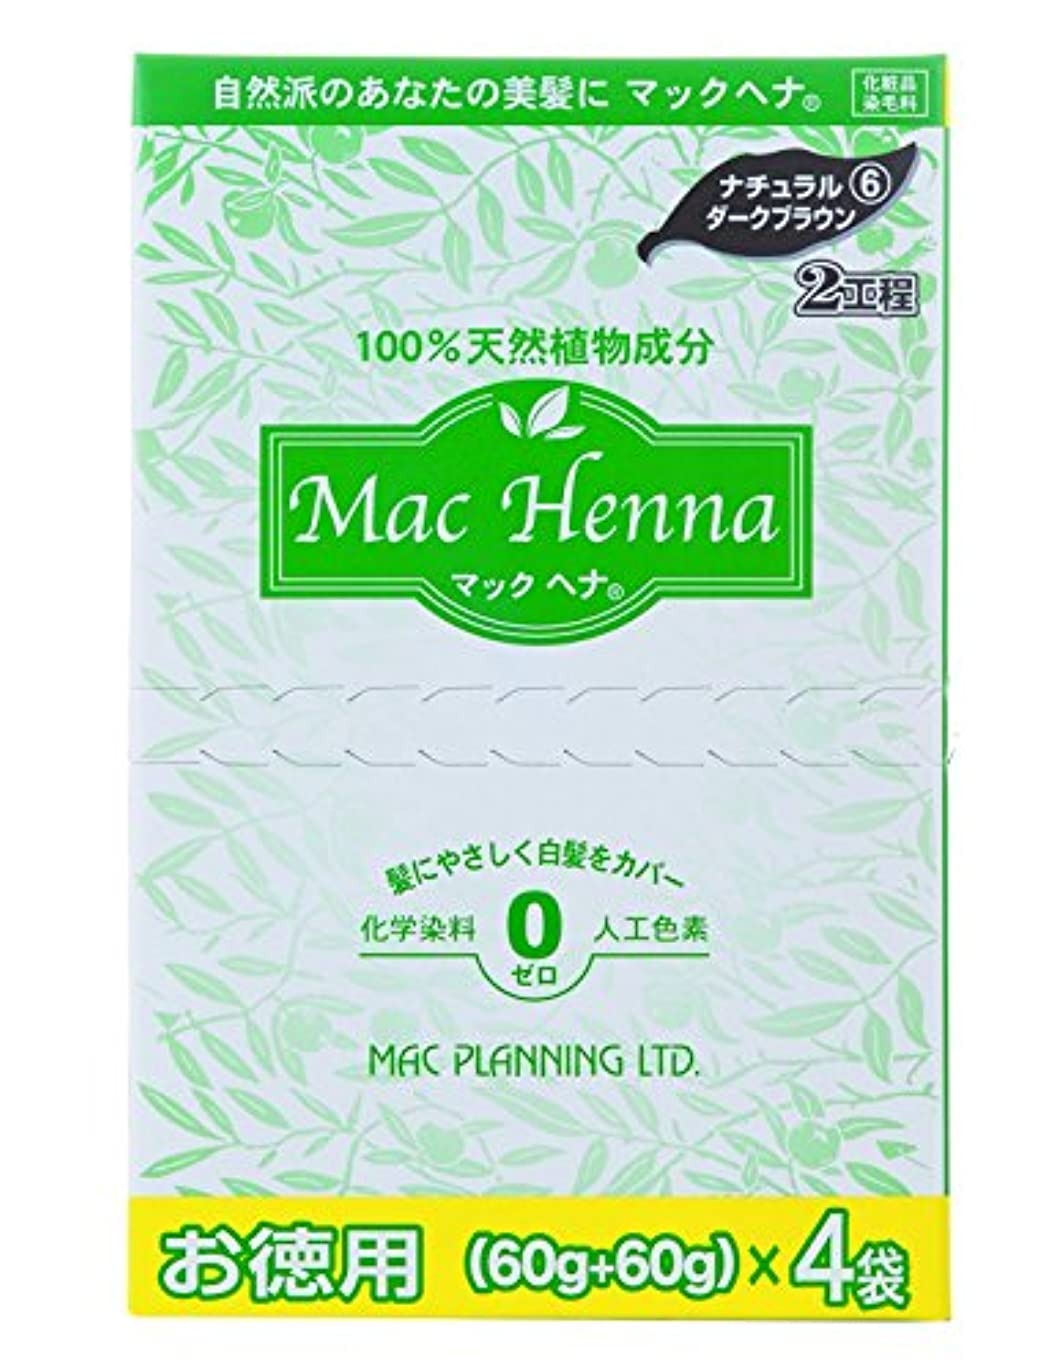 夢マイクロ郵便物マックヘナ お徳用 ナチュラルダークブラウン480g ヘナ白髪用カラー